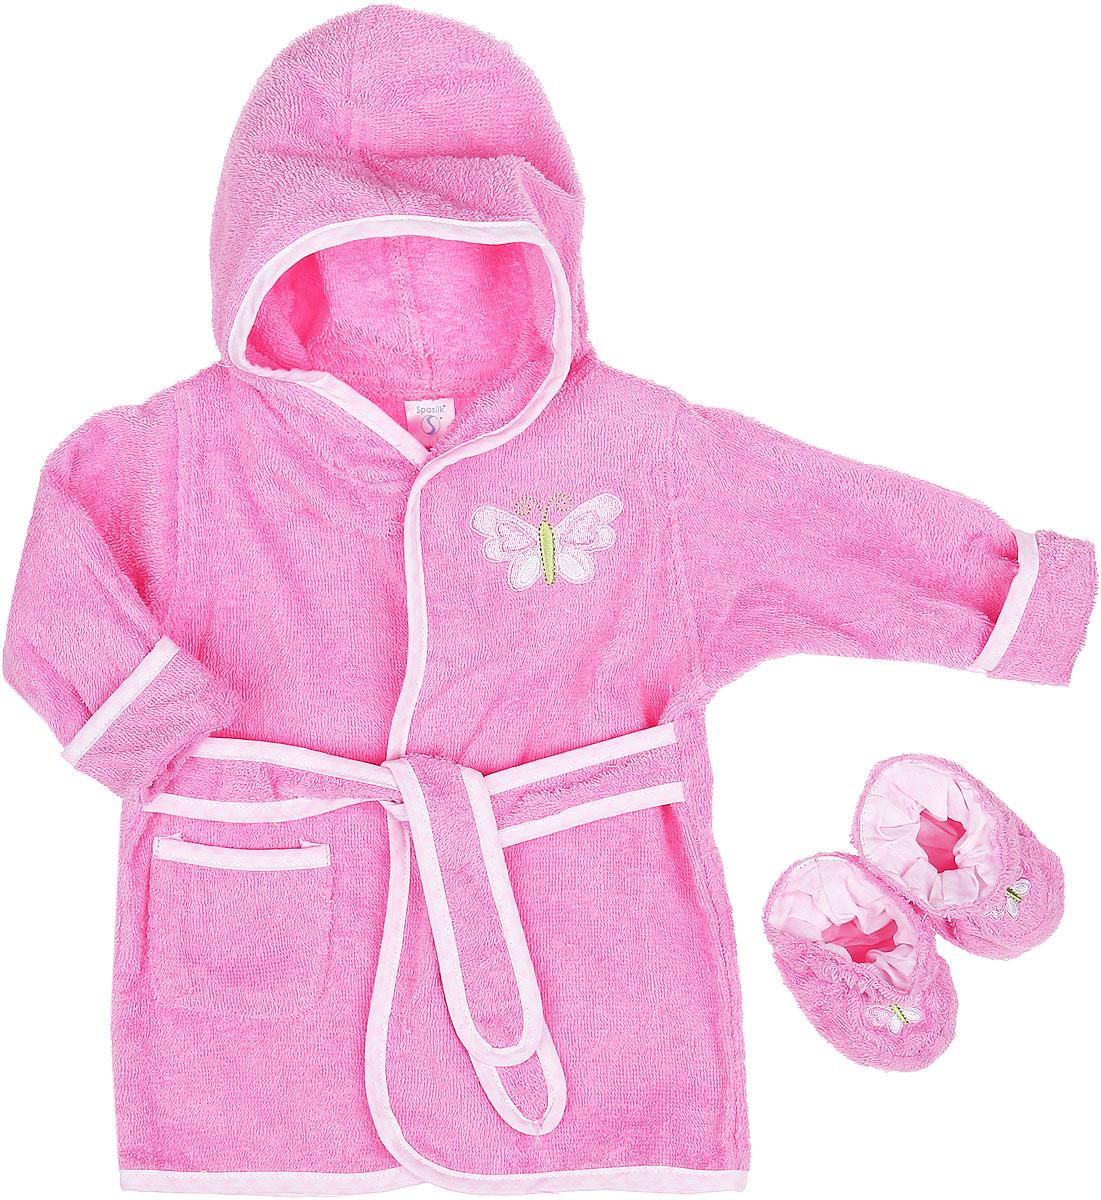 Комплект для девочки Spasilk Бабочка: халат, пинетки, цвет: розовый. BR BFLY. Размер 0/9 месяцевBR BFLYОчаровательный комплект одежды Spasilk Бабочка состоит из халатика и пинеток. Комплект изготовлен из мягкой махровой ткани, которая отлично поглощает воду, массирует кожу, улучшая кровообращение, позволяет телу дышать. Изделие легкое и тактильно приятное. Уютный халат с капюшоном и длинными рукавами дополнен поясом на талии. На рукавах имеются декоративные отвороты. Спереди расположен накладной кармашек. Края изделия оформлены принтованной окантовкой. Модель украшена вышитой аппликацией в виде бабочки.На пинетках предусмотрена легкая хлопковая подкладка, оформленная принтом в клетку. Пинетки присборены на мягкие эластичные резинки для фиксации на ножках ребенка. Украшено изделие вышитой аппликацией в виде бабочек. Такой комплект одежды станет идеальным дополнением к детскому гардеробу. Мягкий махровый халатик и удобные пинетки защитят малышку от охлаждения после водных процедур.